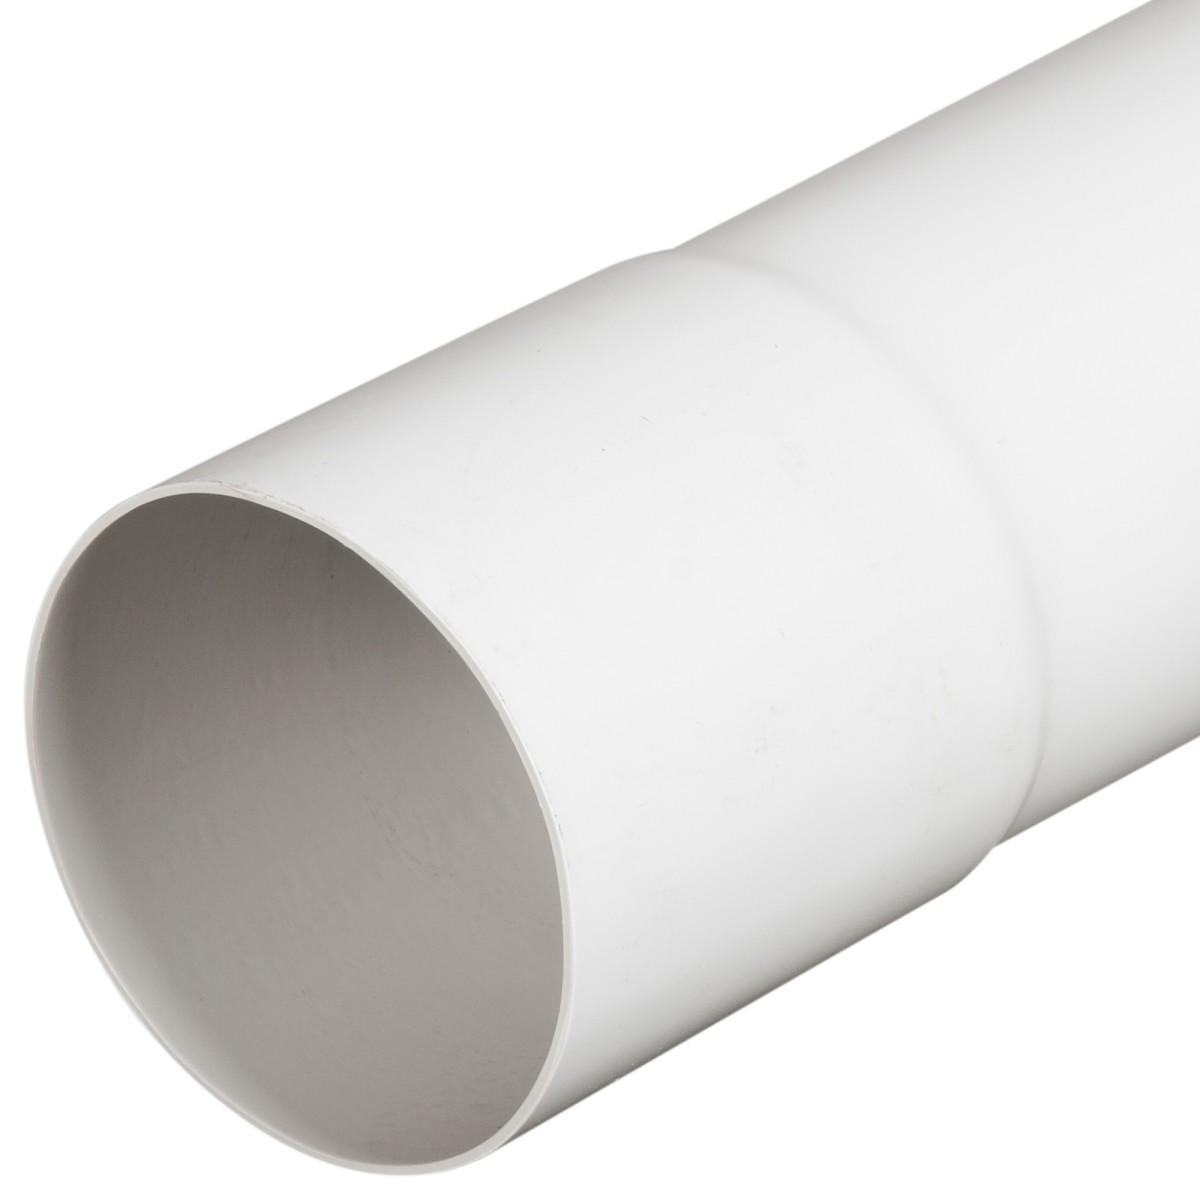 Труба водосточная с раструбом 80x4000 мм цвет белый